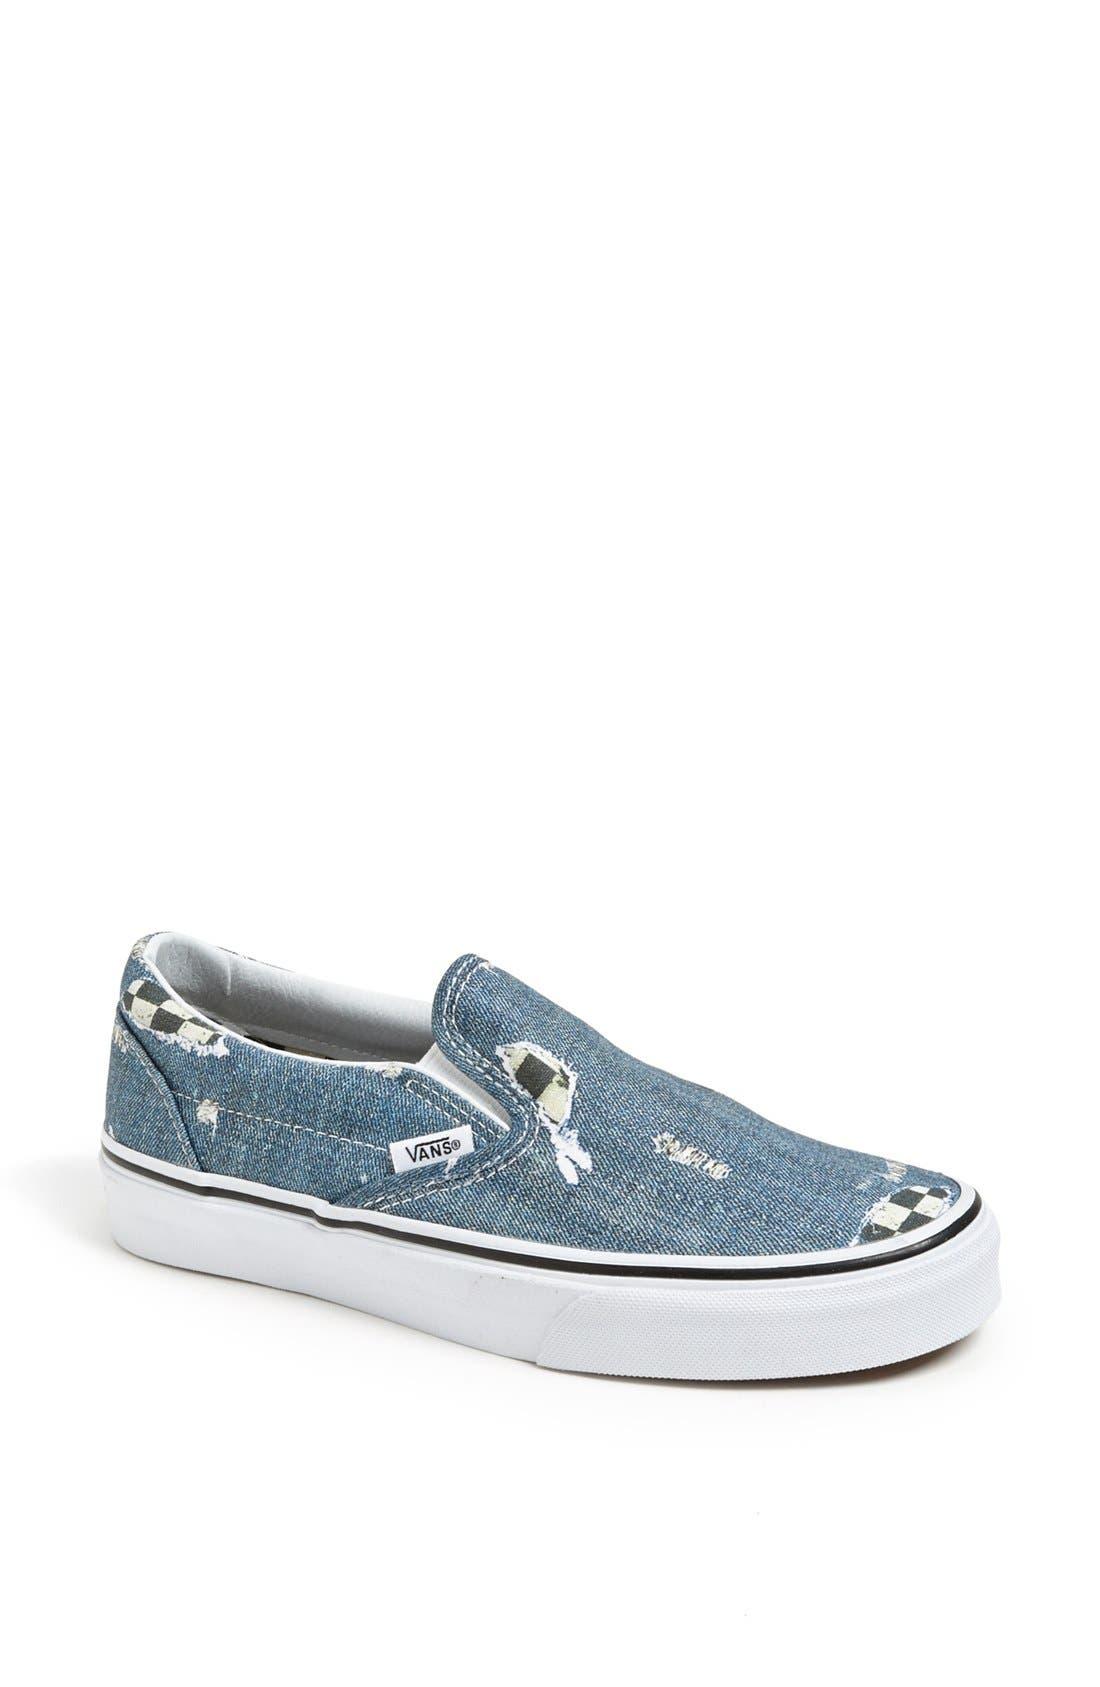 Main Image - Vans 'Classic - Denim' Sneaker (Women)